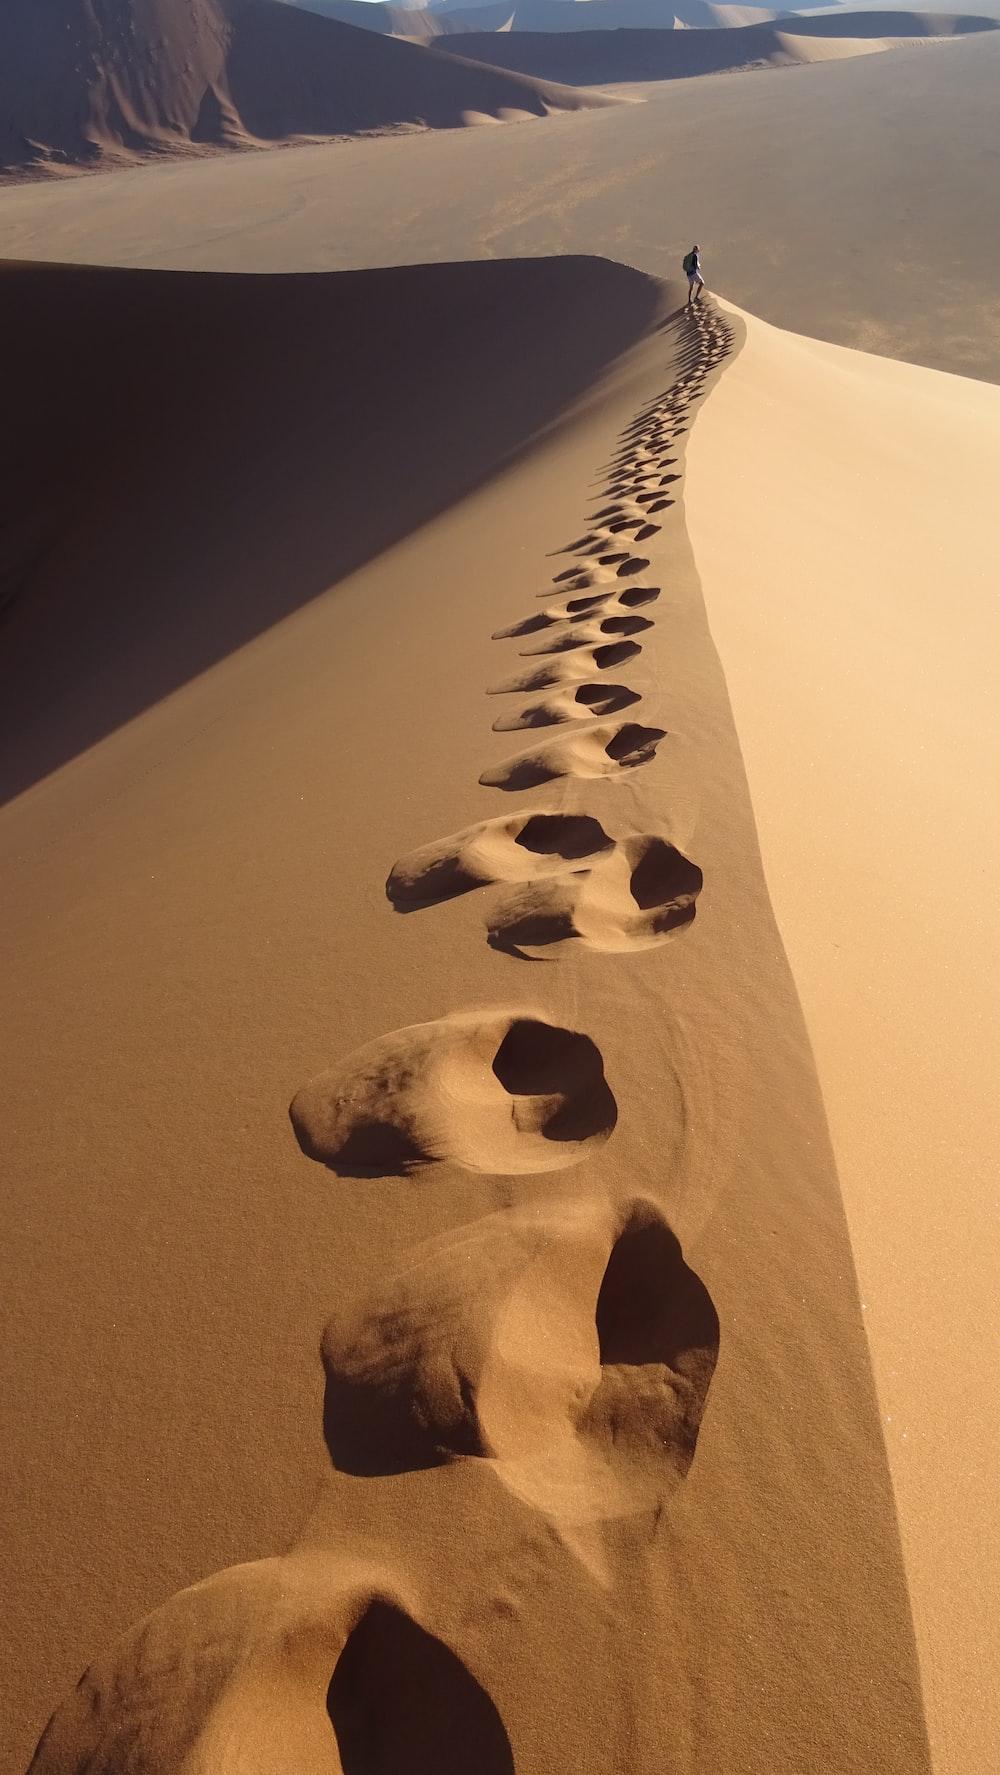 footsteps on desert